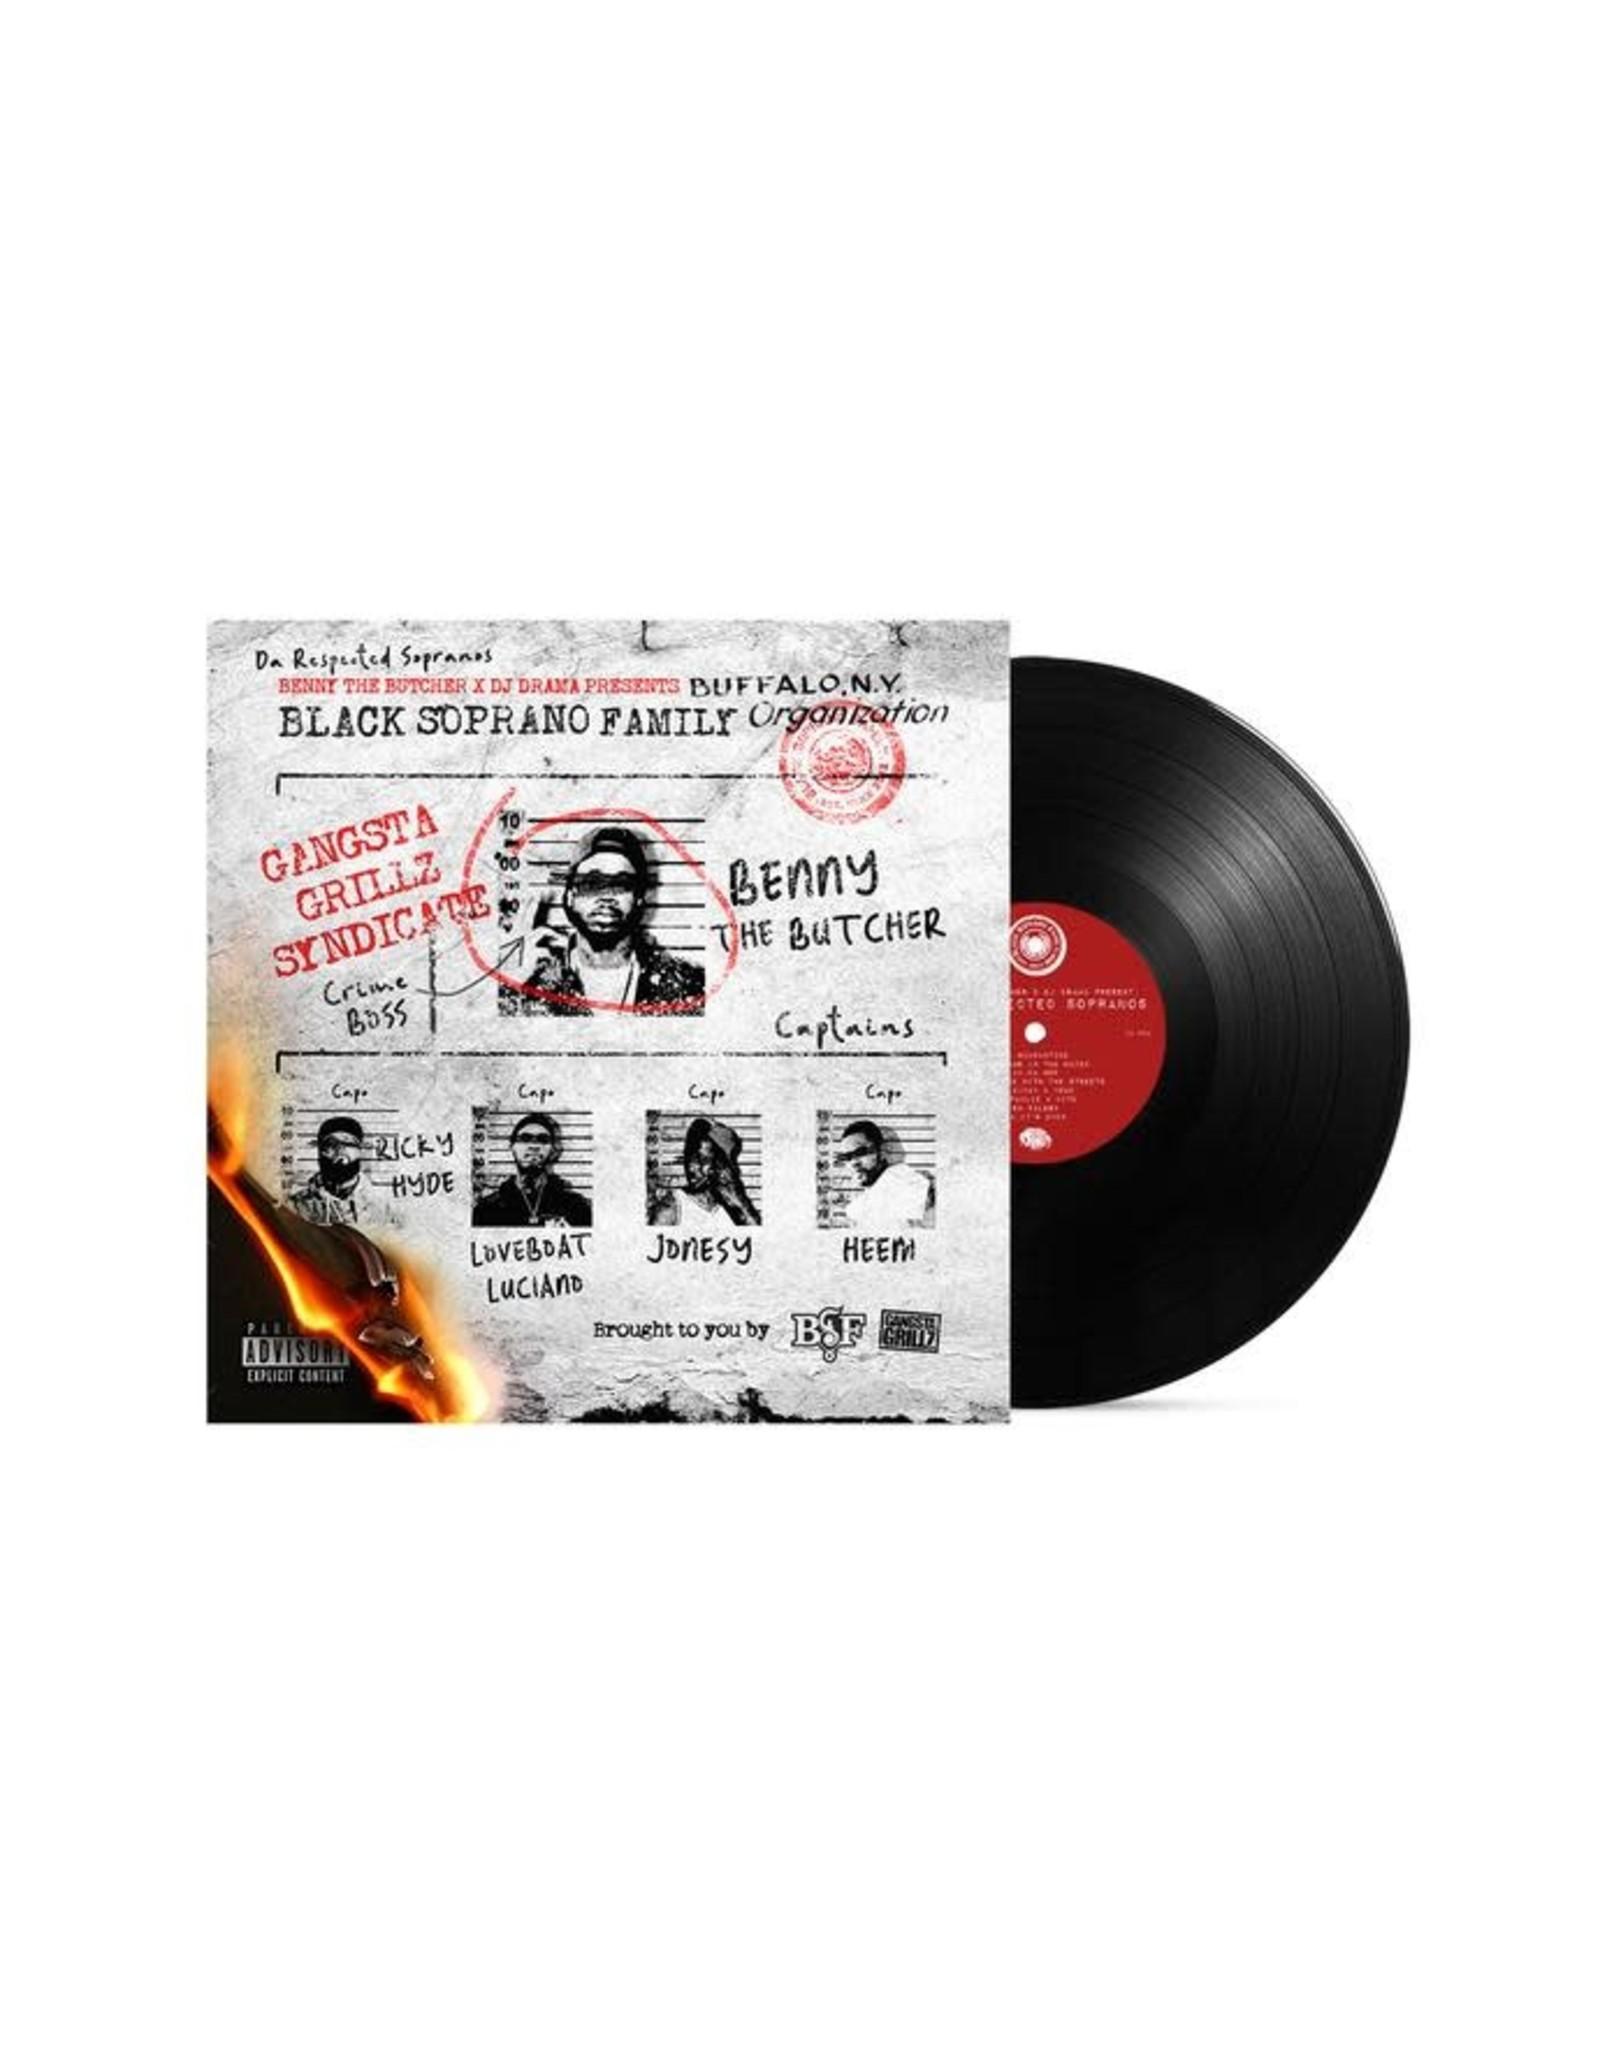 Black Soprano Family - Benny The Butcher & DJ Drama Present: The Respected Sopranos 2LP